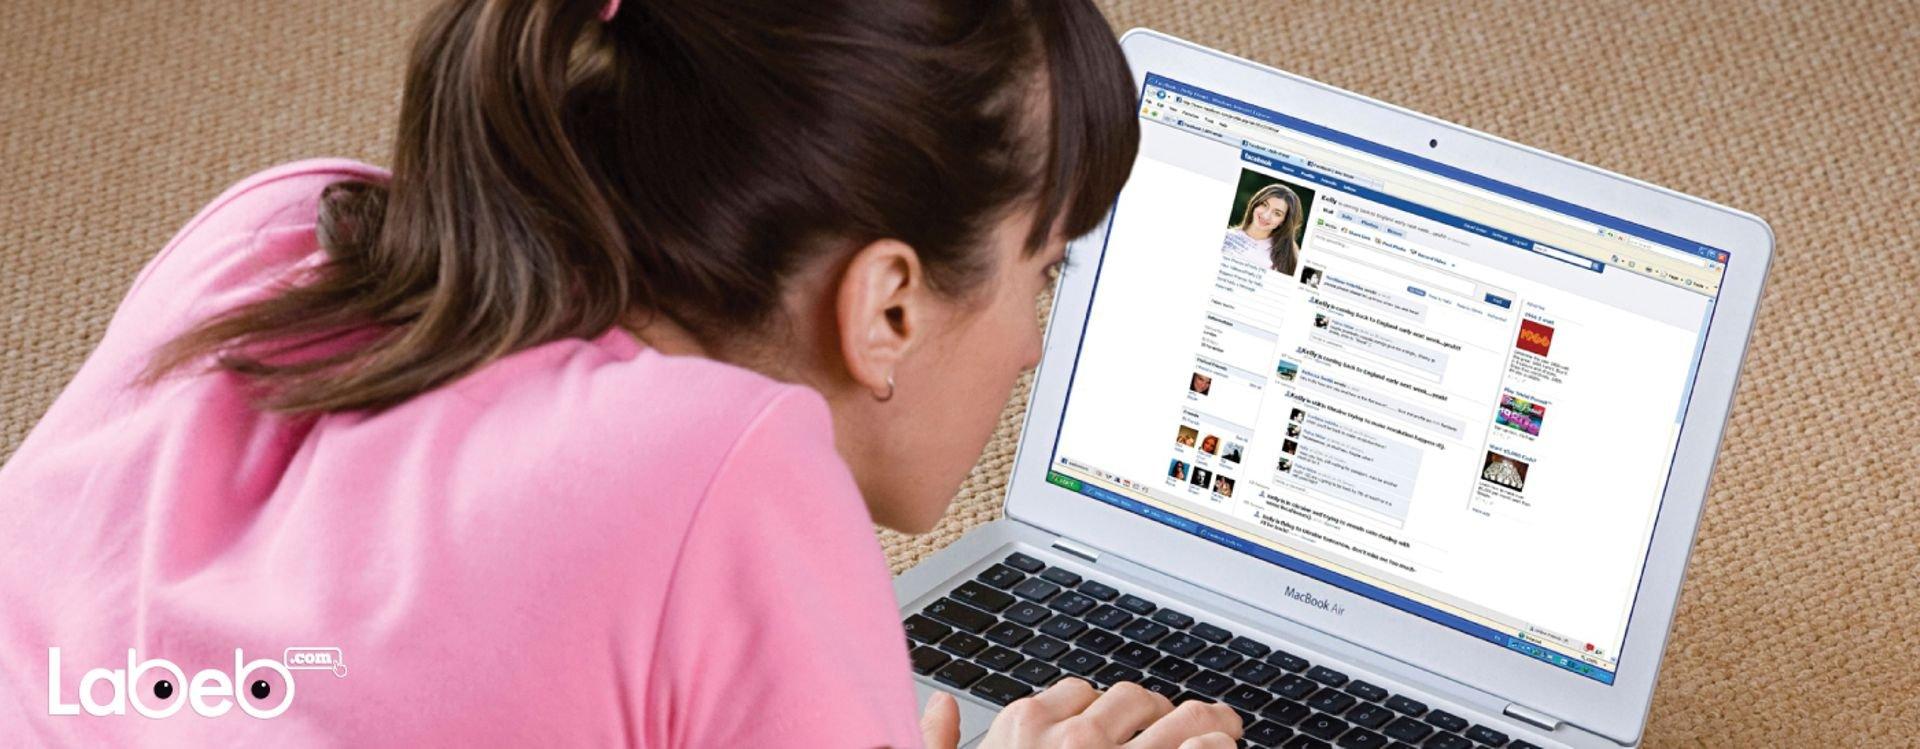 أكثر من سُبع سكان المعمورة يستخدمون موقع التواصل الاجتماعي فيسبوك بشكل يومي